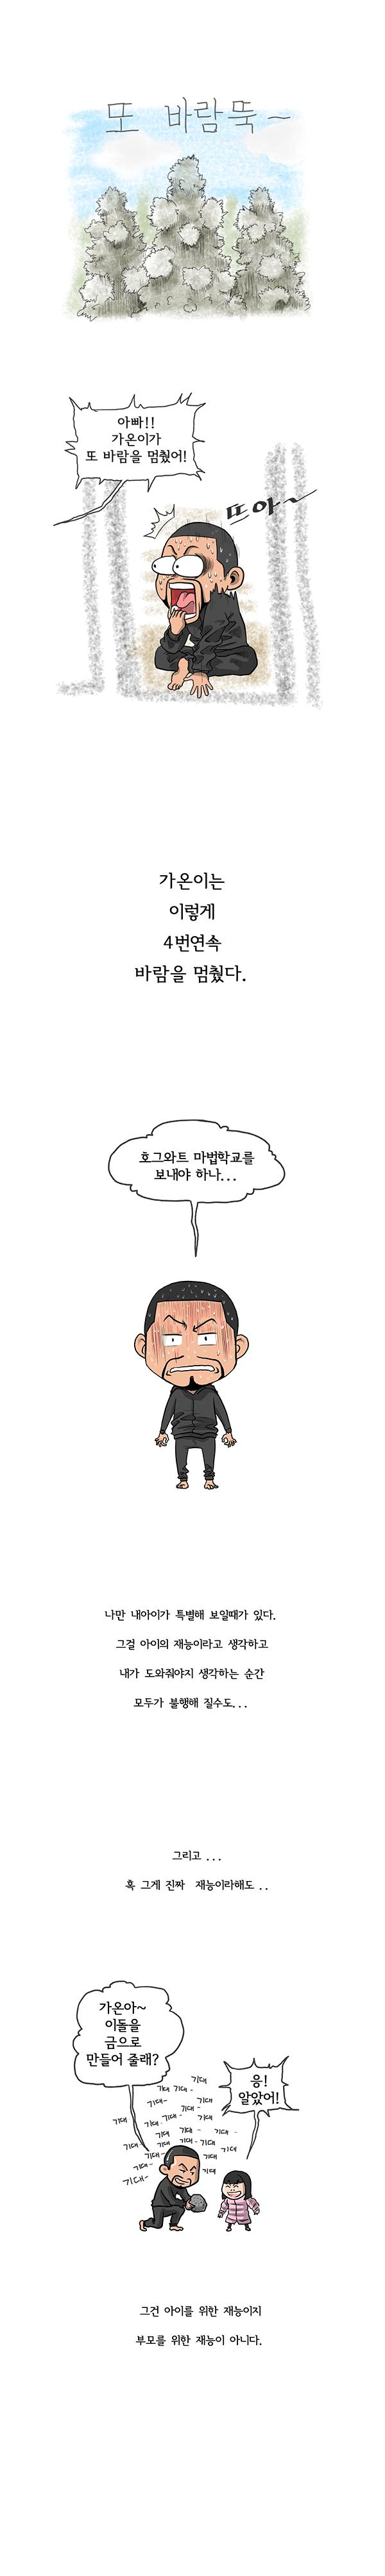 복숭이는여행중 2화_02 늘 여행중인 복숭이패밀리의 일상웹툰